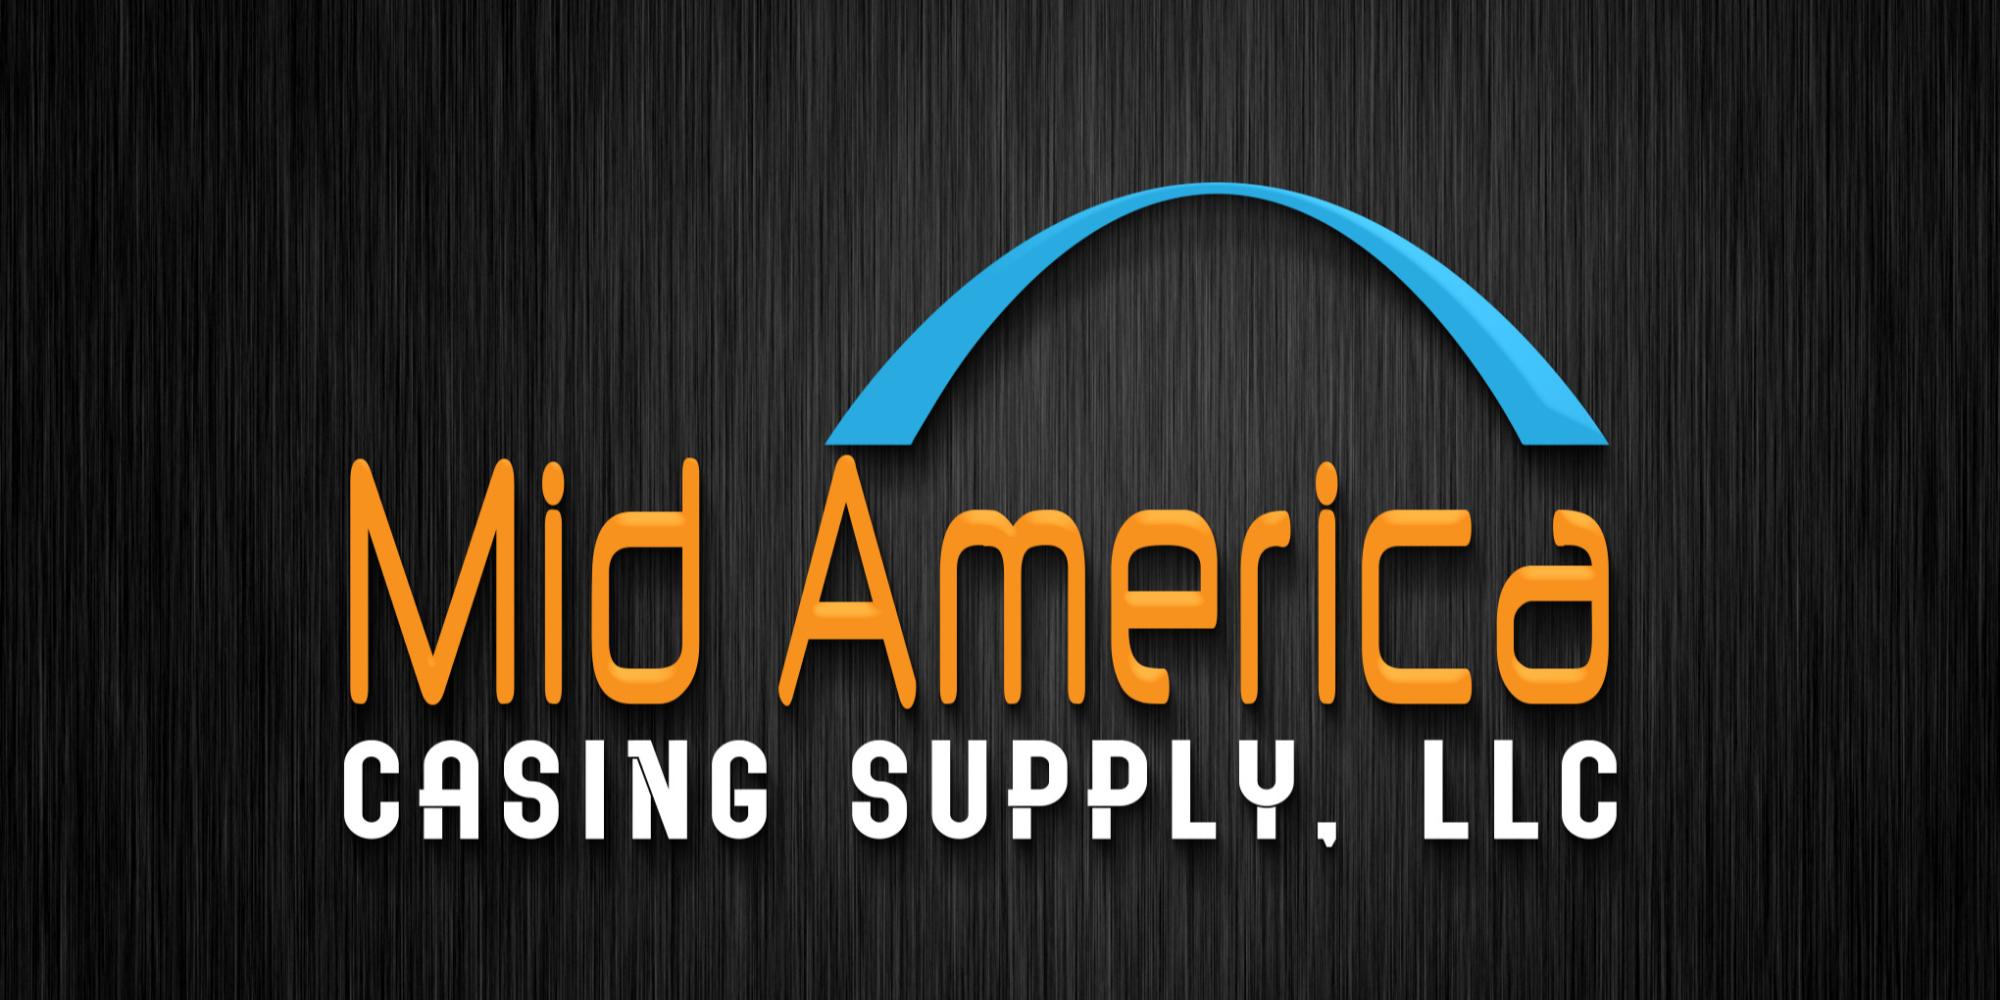 MidAmerica Casing Supply LLC